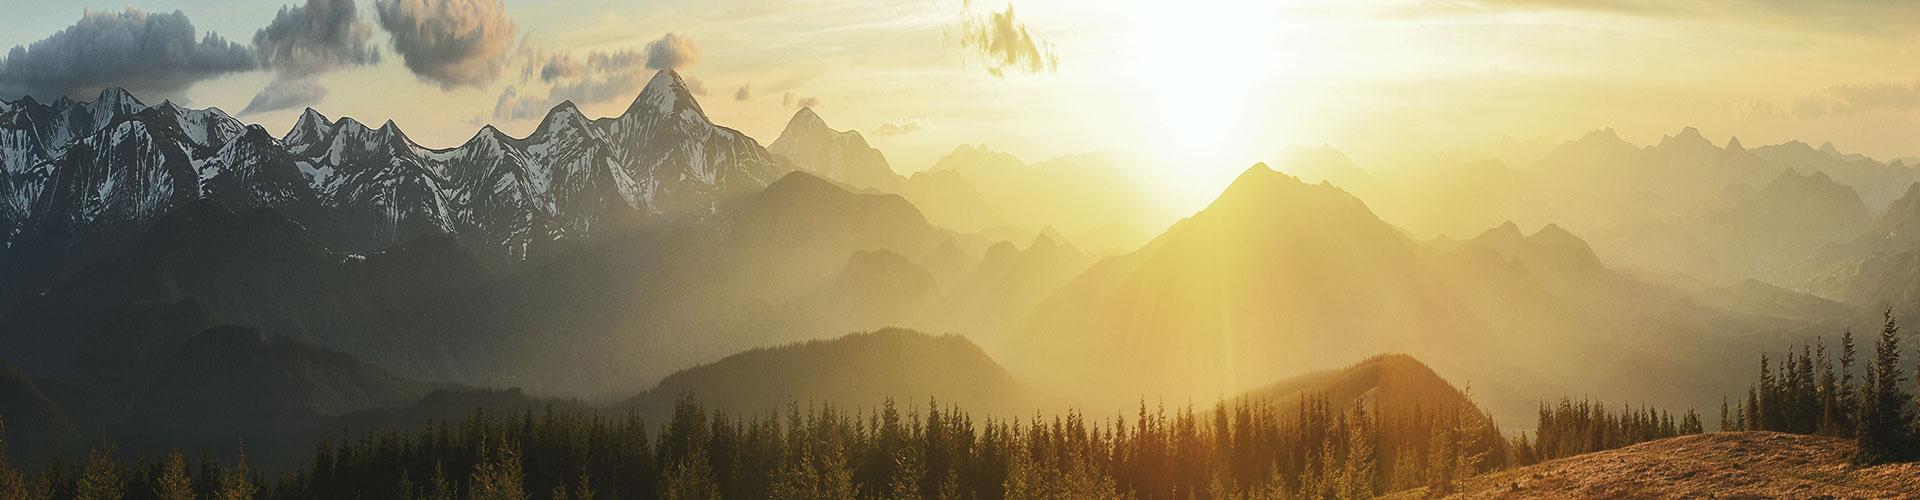 Die Sonne taucht eine bergige Landschaft in goldenes Licht